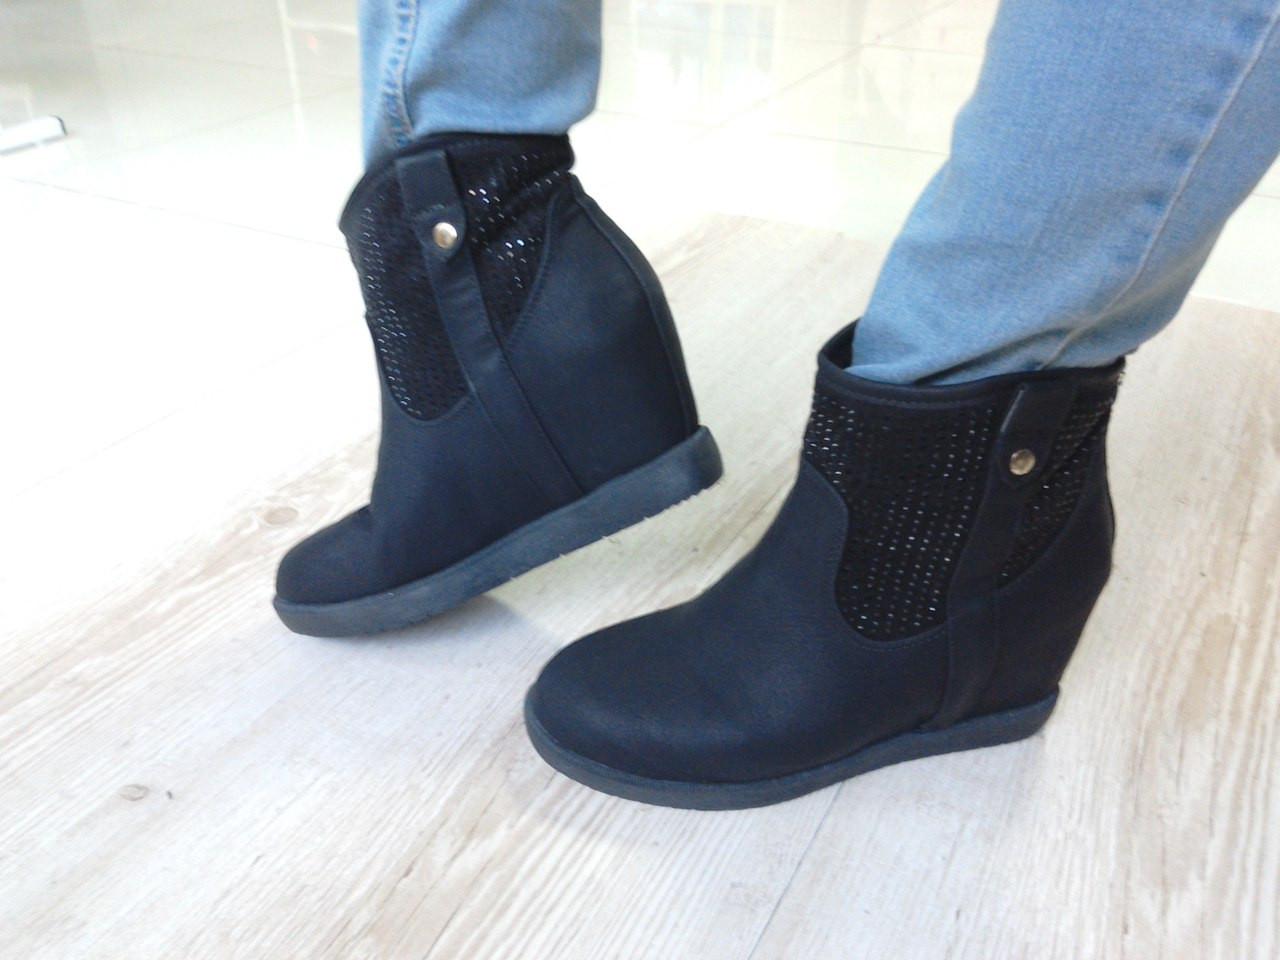 0605166e Стильные зимние женские ботинки на скрытой танкетке, черные: продажа ...